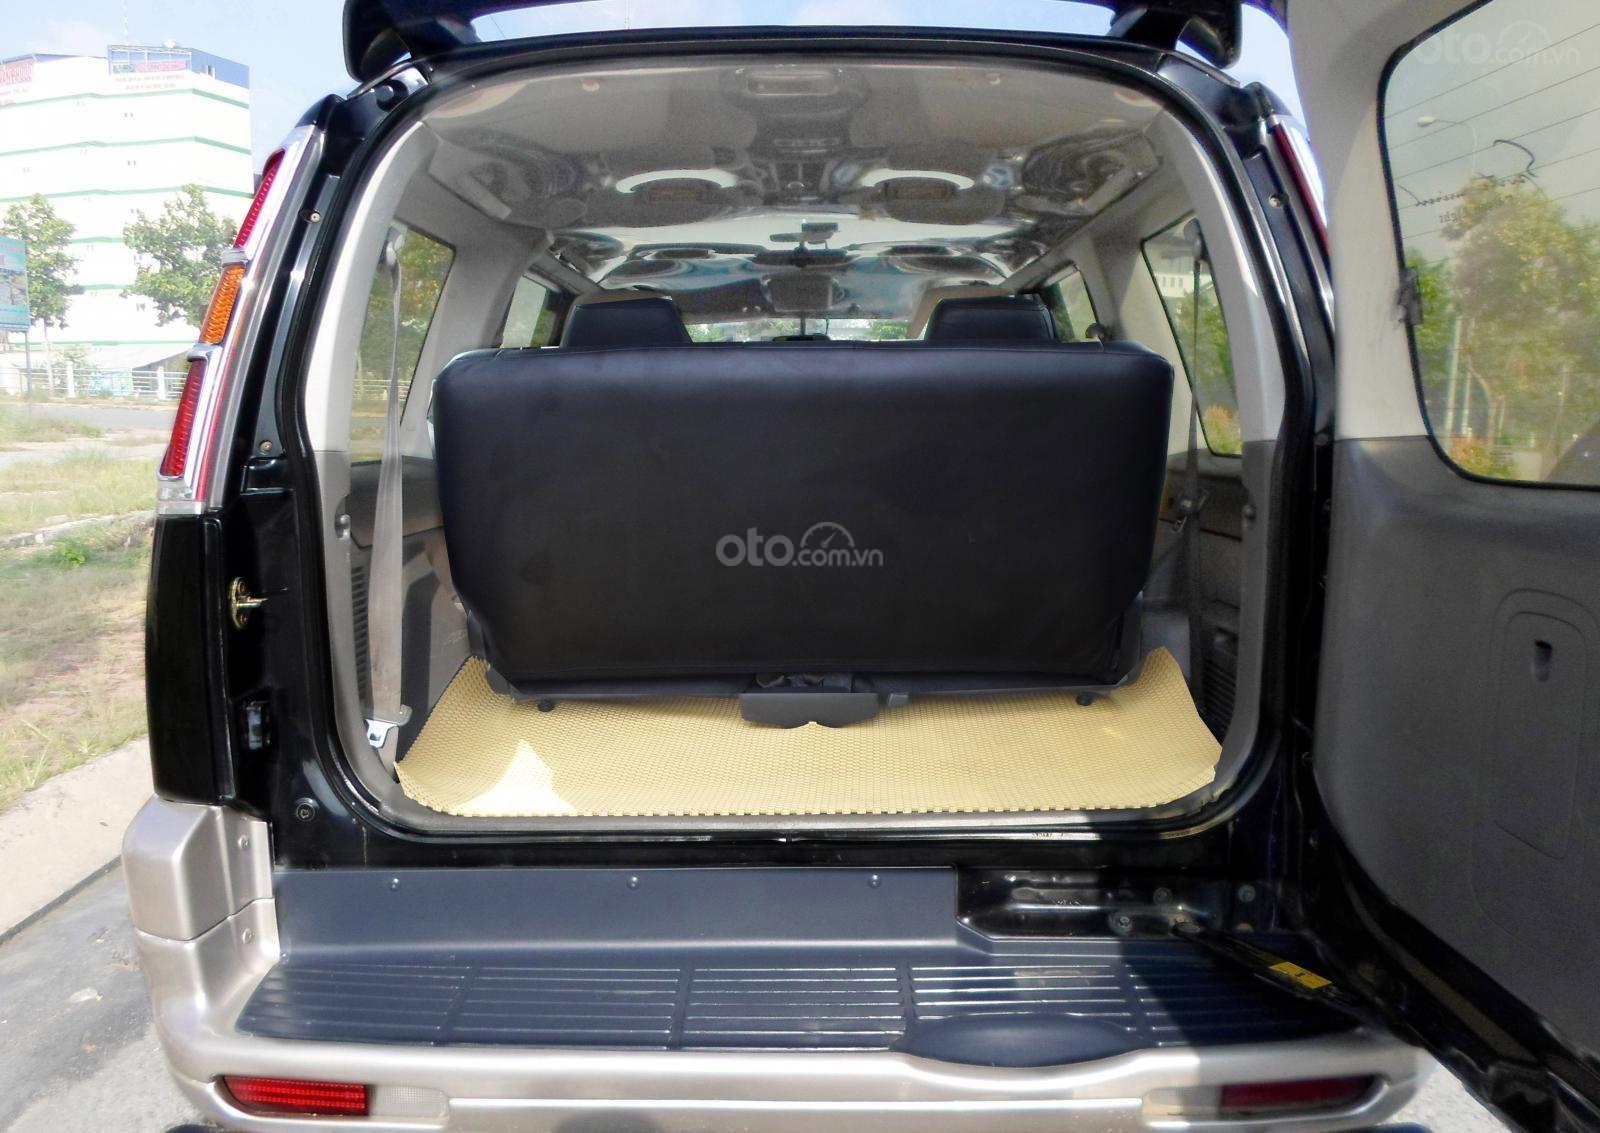 Chính chủ cần bán Ford Everest Ford Everest 2.5L 4x2 MT đời 2005, màu đen, giá tốt (5)